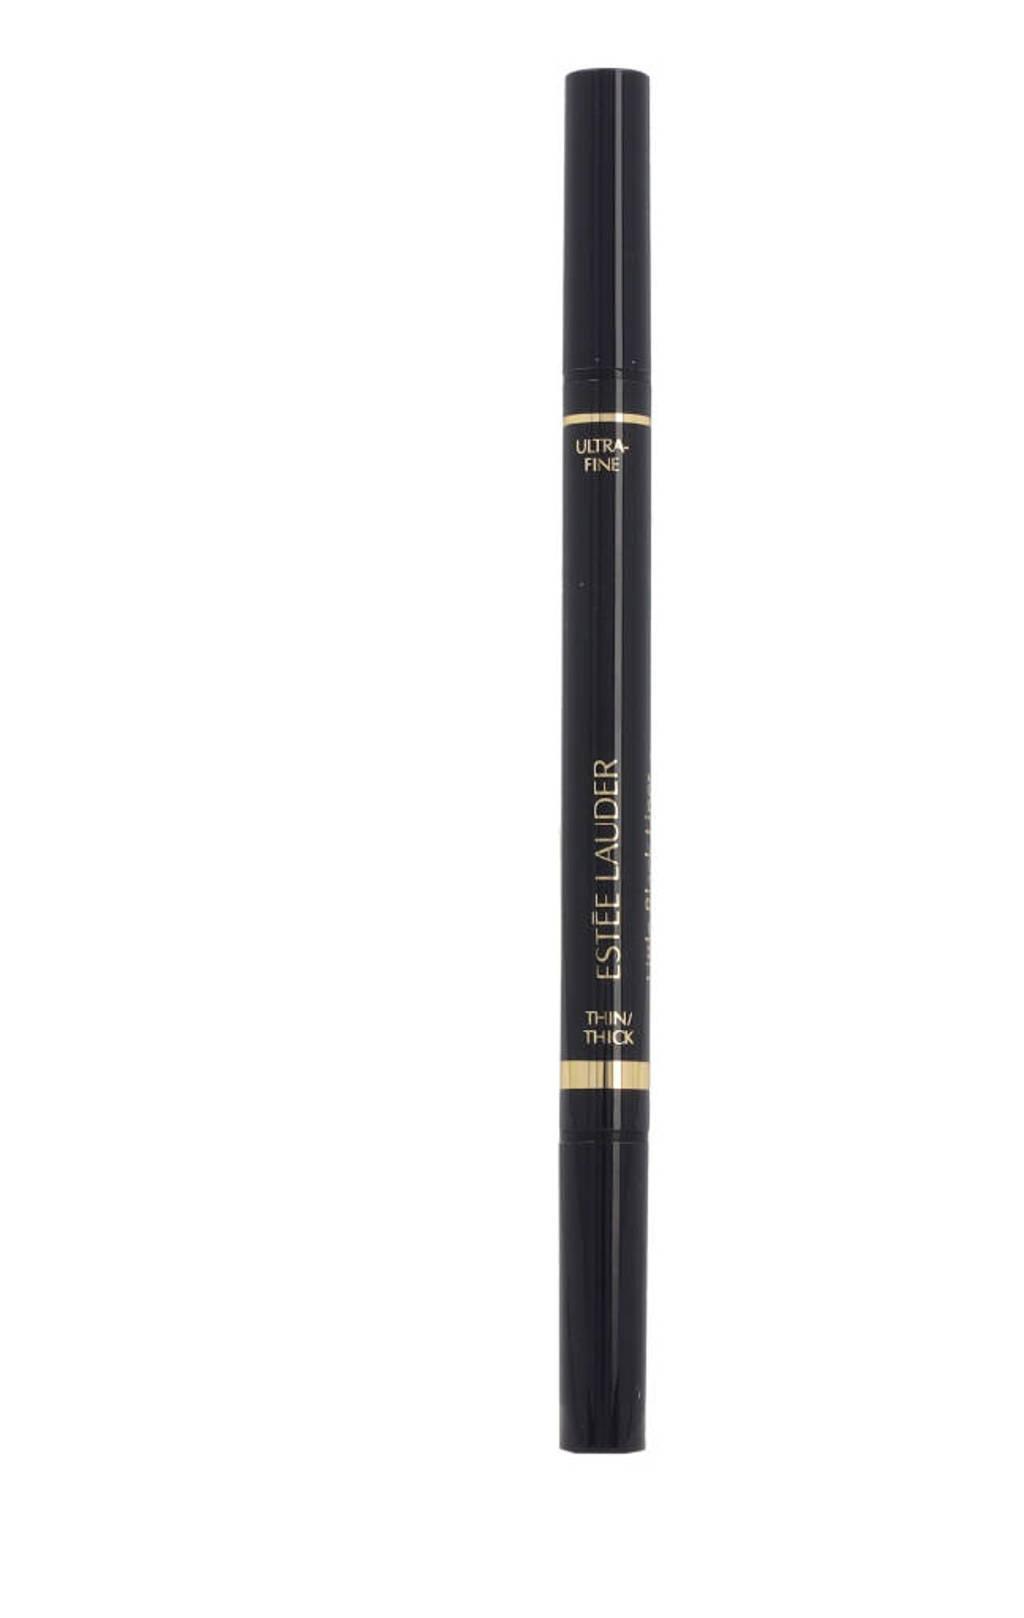 Estée Lauder Little Black Liner eyeliner - 01 Onyx